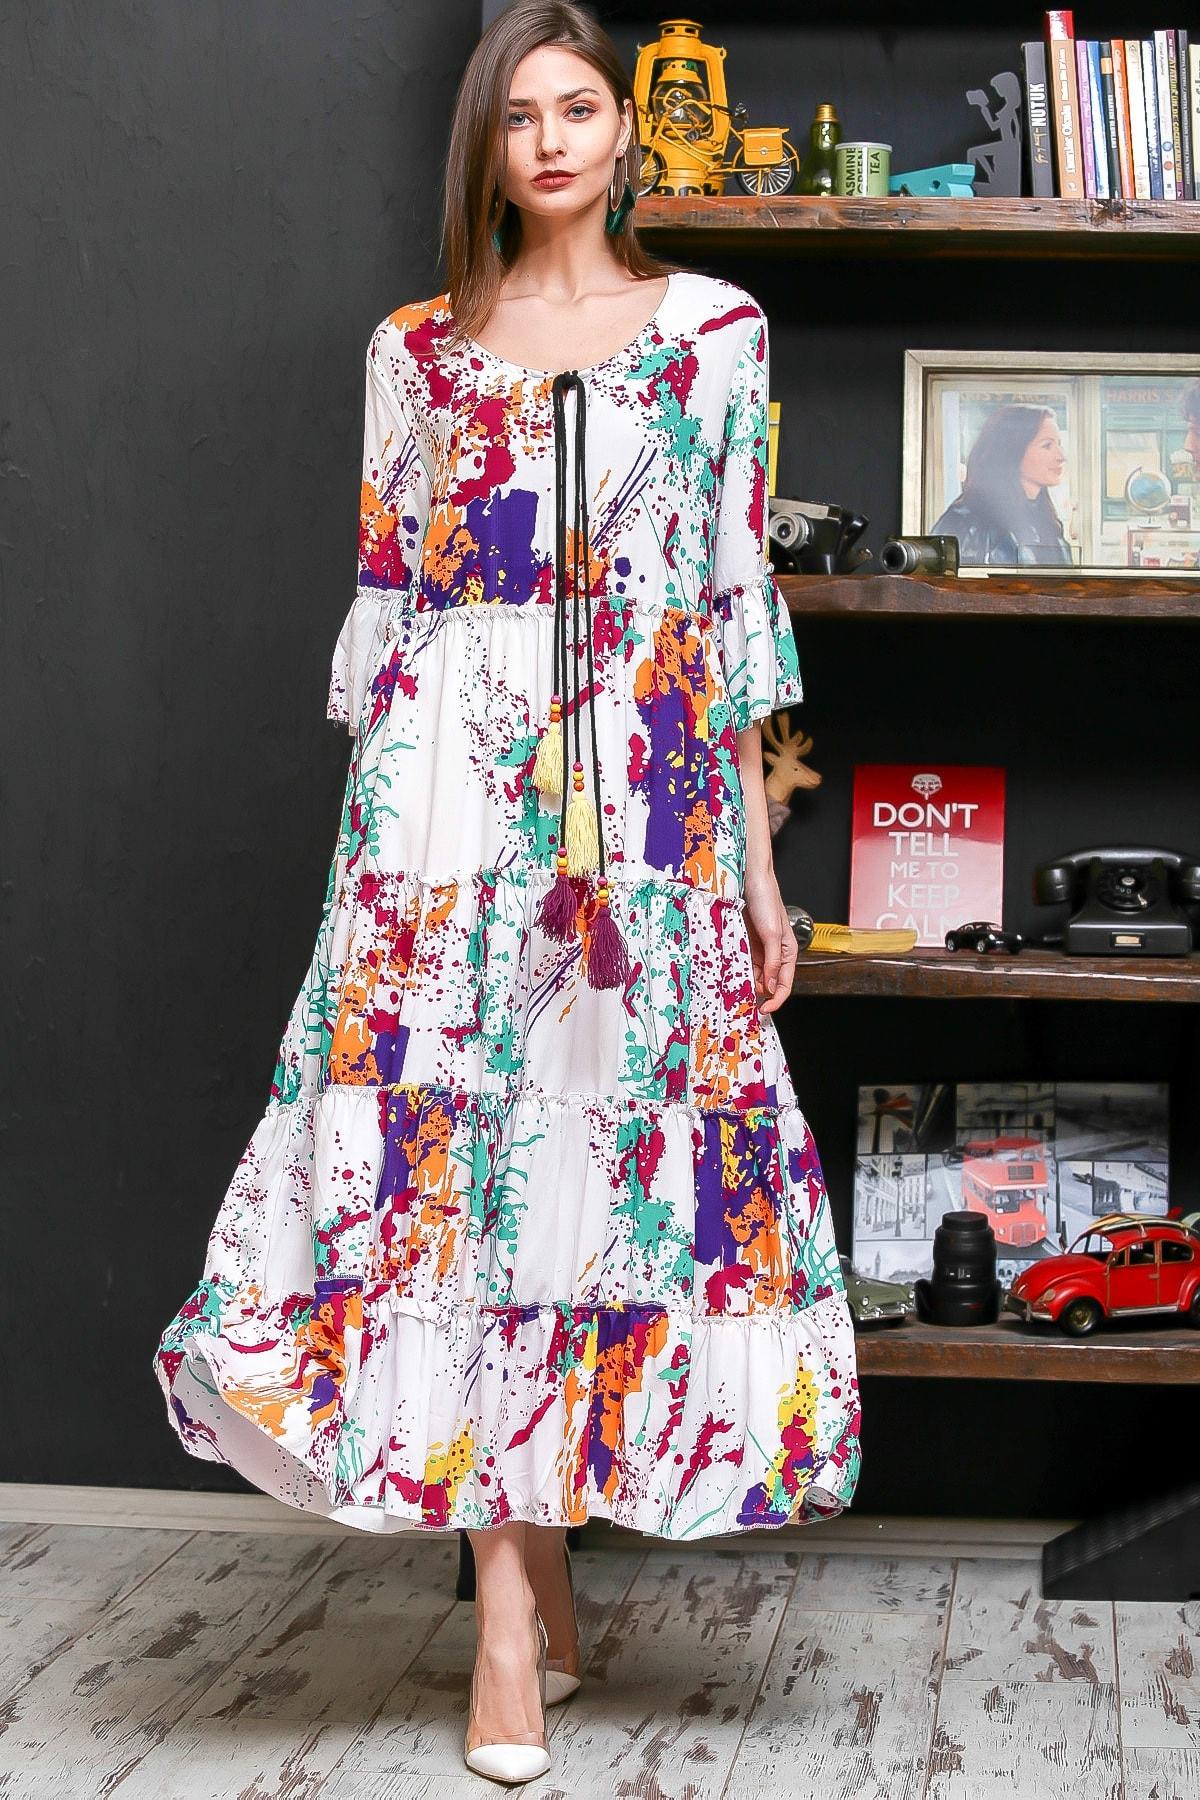 Chiccy Kadın Beyaz Fırça Desen Püsküllü Bağcıklı Salaş Dokuma Elbise M10160000EL95926